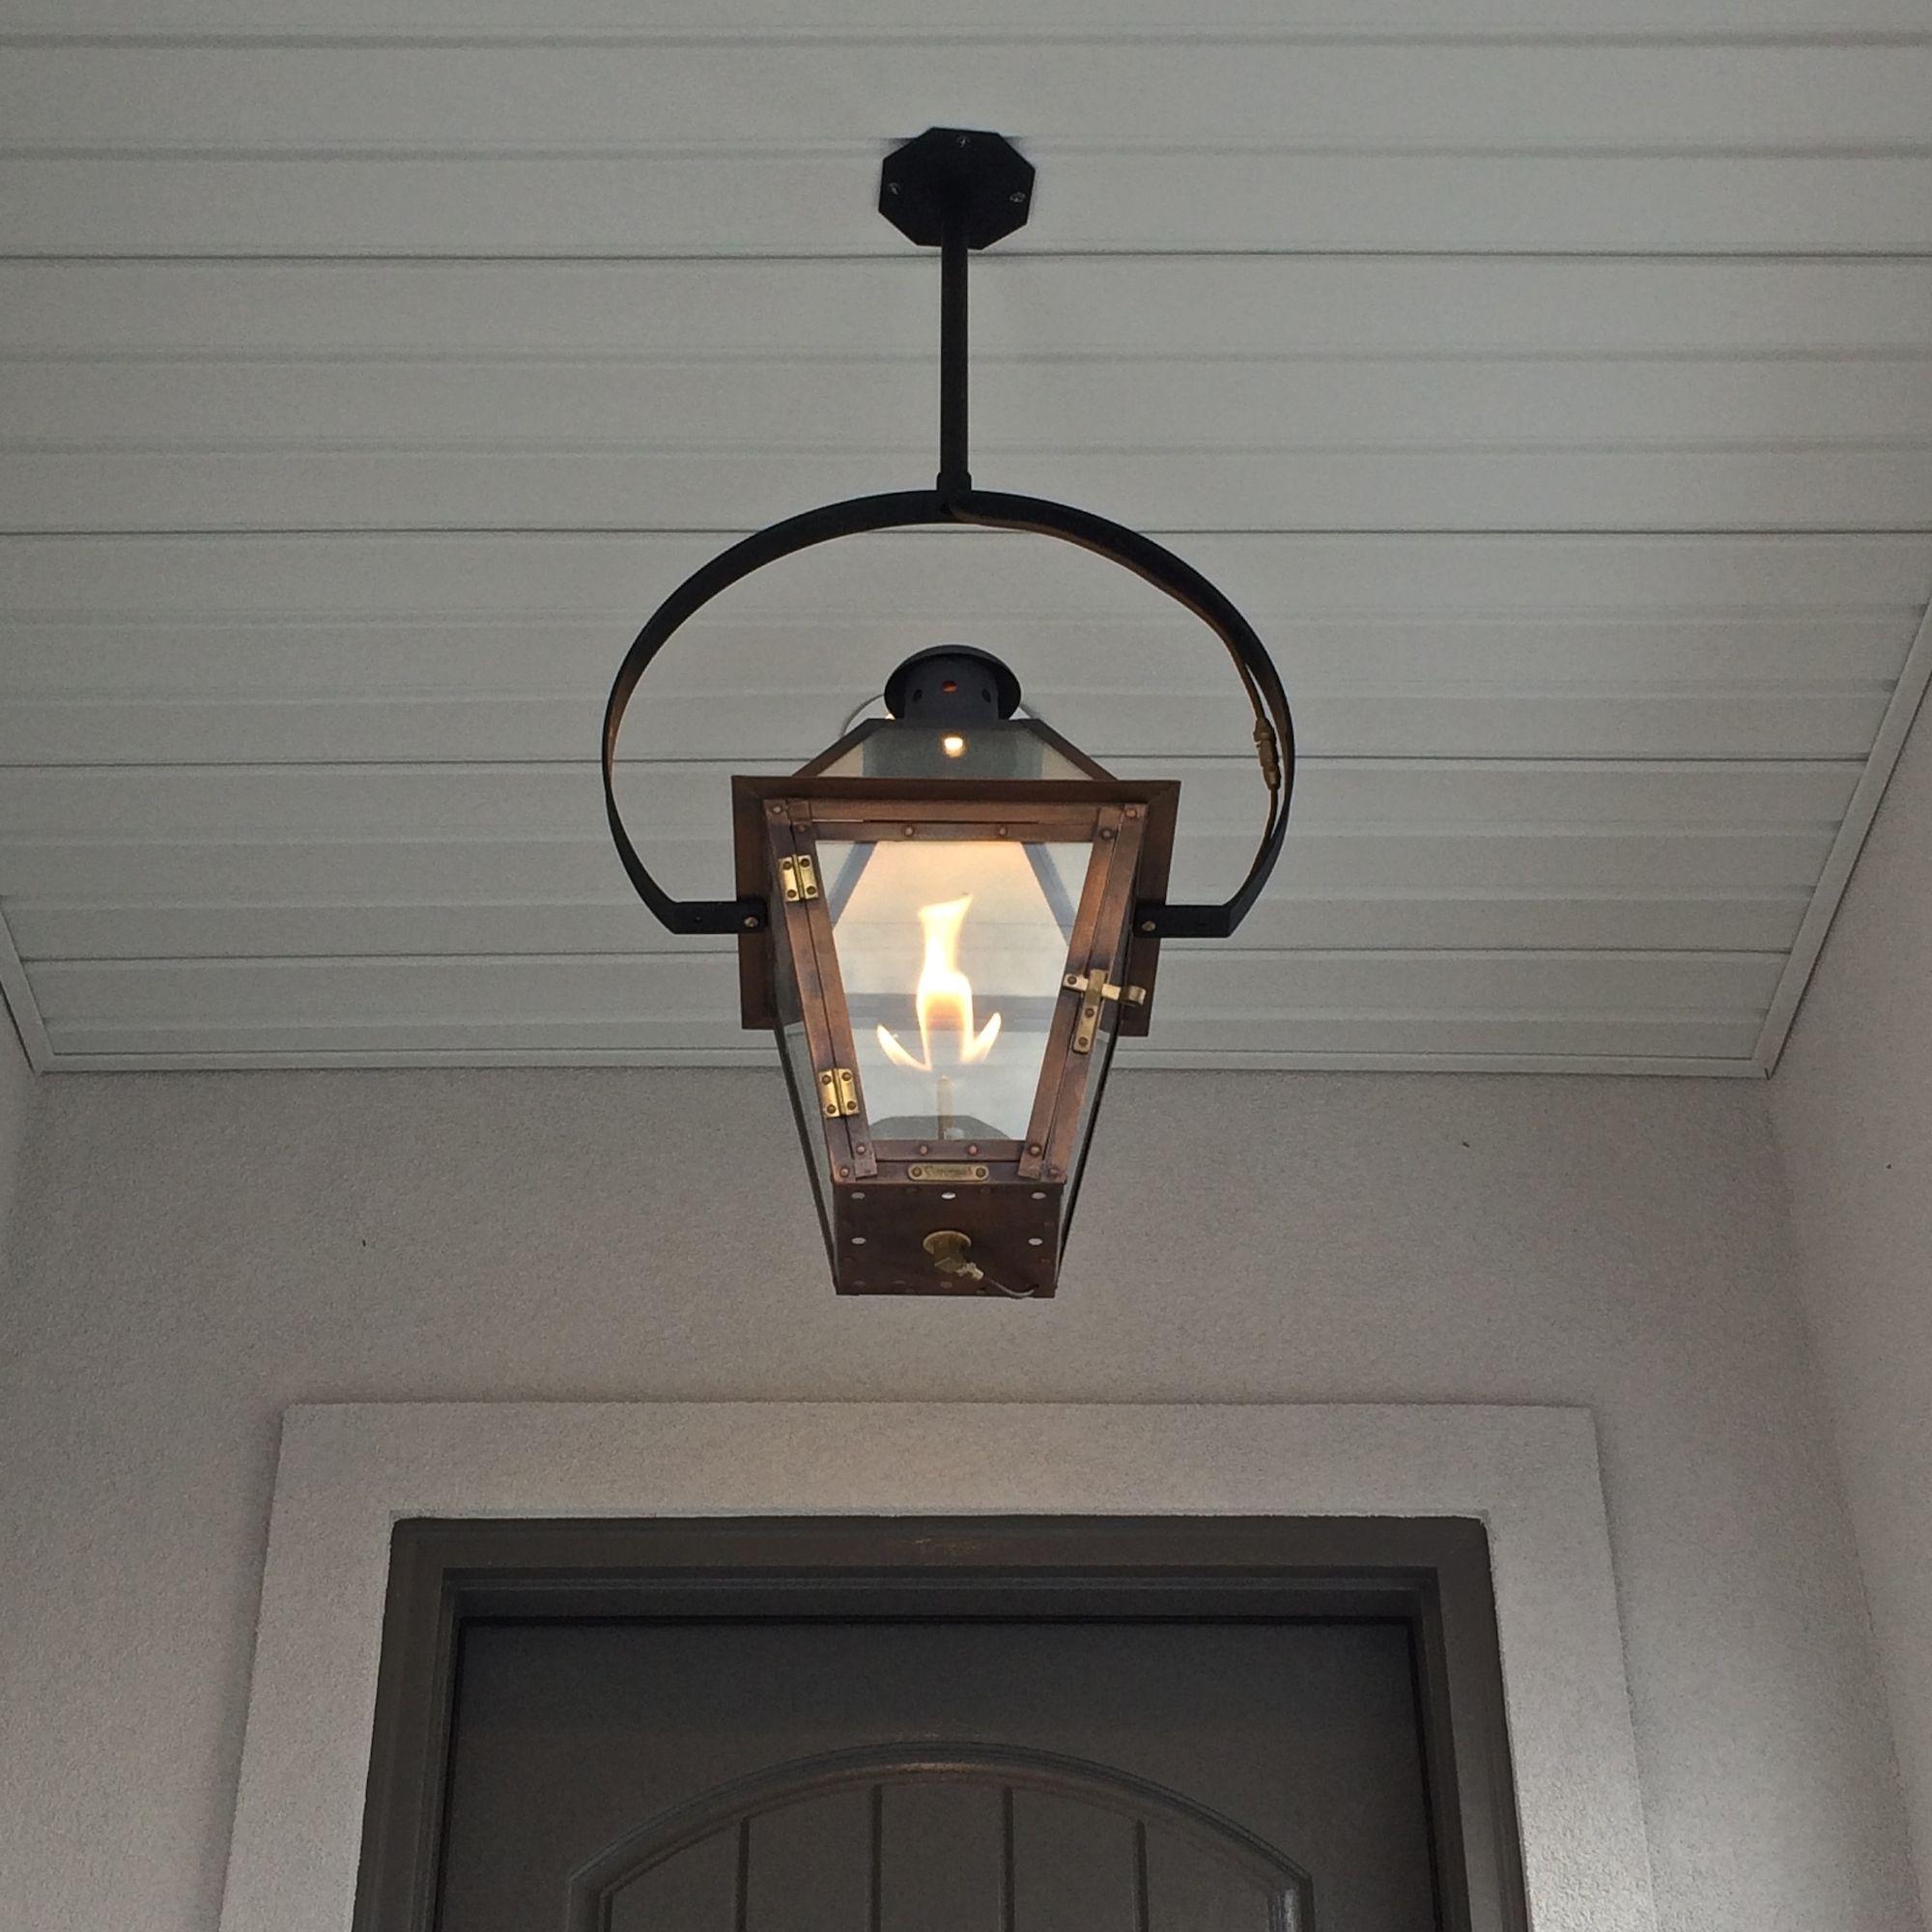 Popular Photo of Outdoor Hanging Gas Lanterns